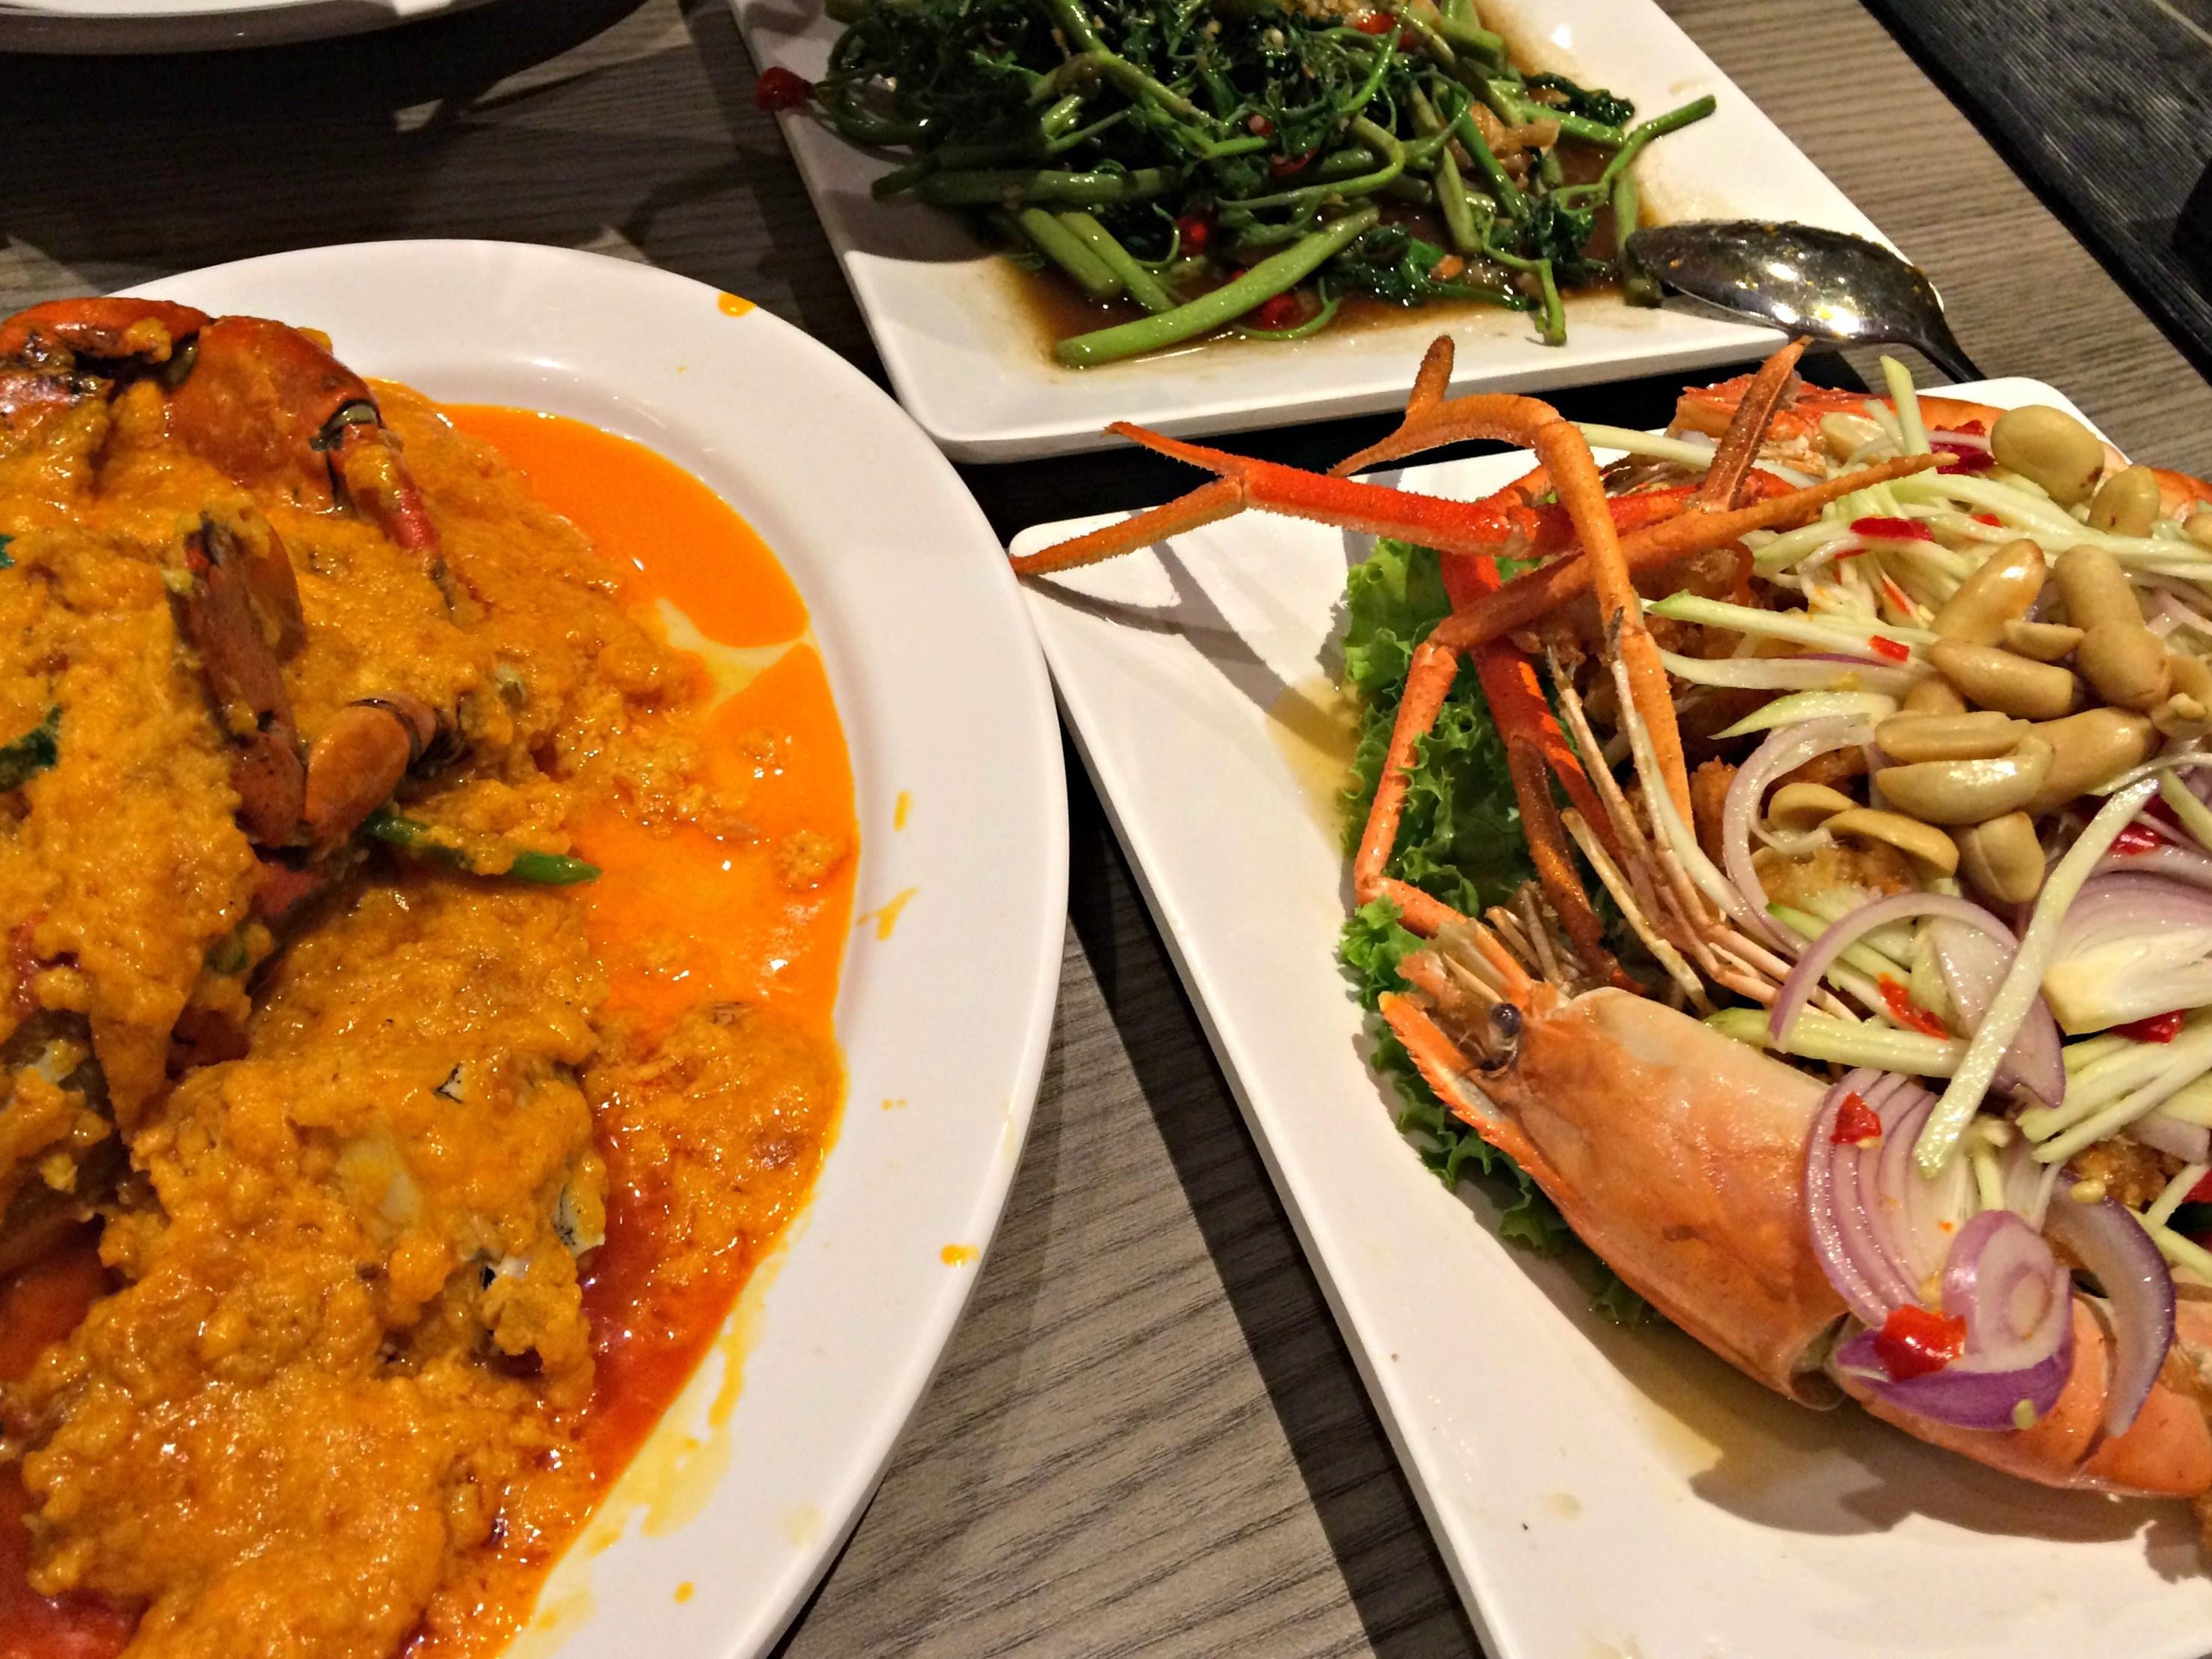 Mynn's Top 10: A Food Tour in Bangkok - She Walks the World